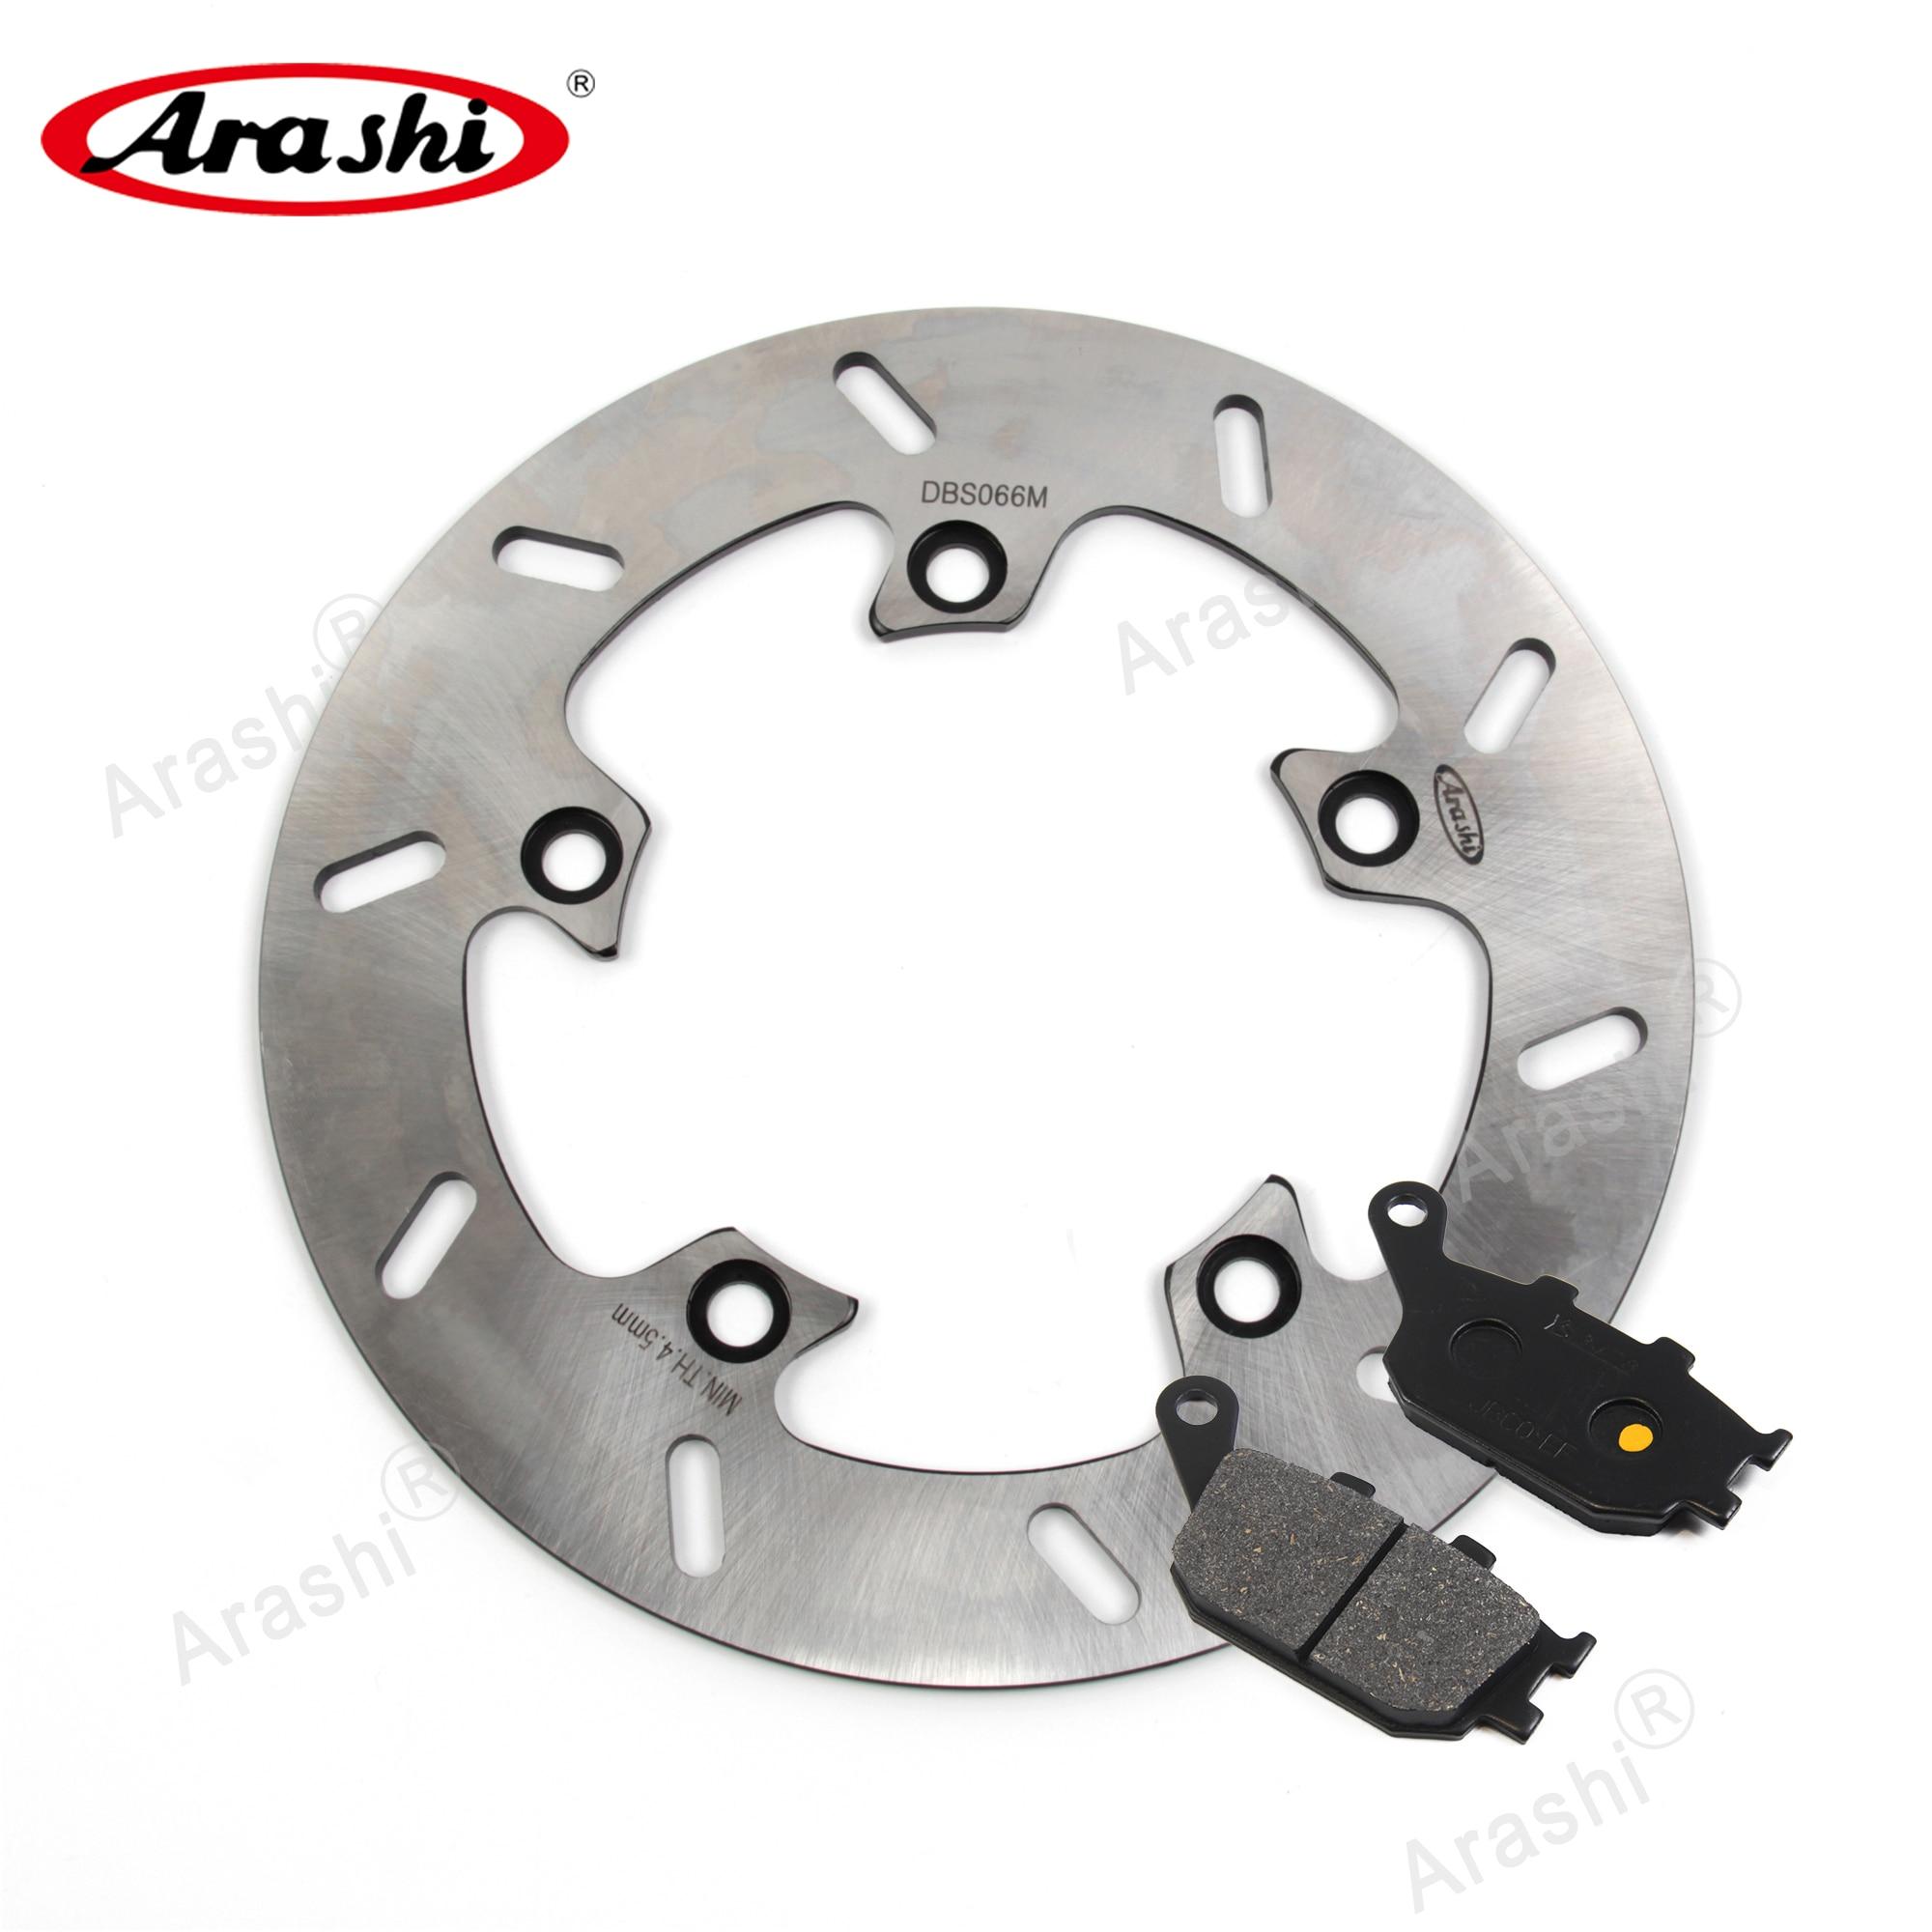 ARASHI Rear Brake Disc Brake Pads For SUZUKI GSR 750 2011 2012 2013 2014 GSR750 CNC Rotor Disk Rear Pads Motorcycle Brake Pad